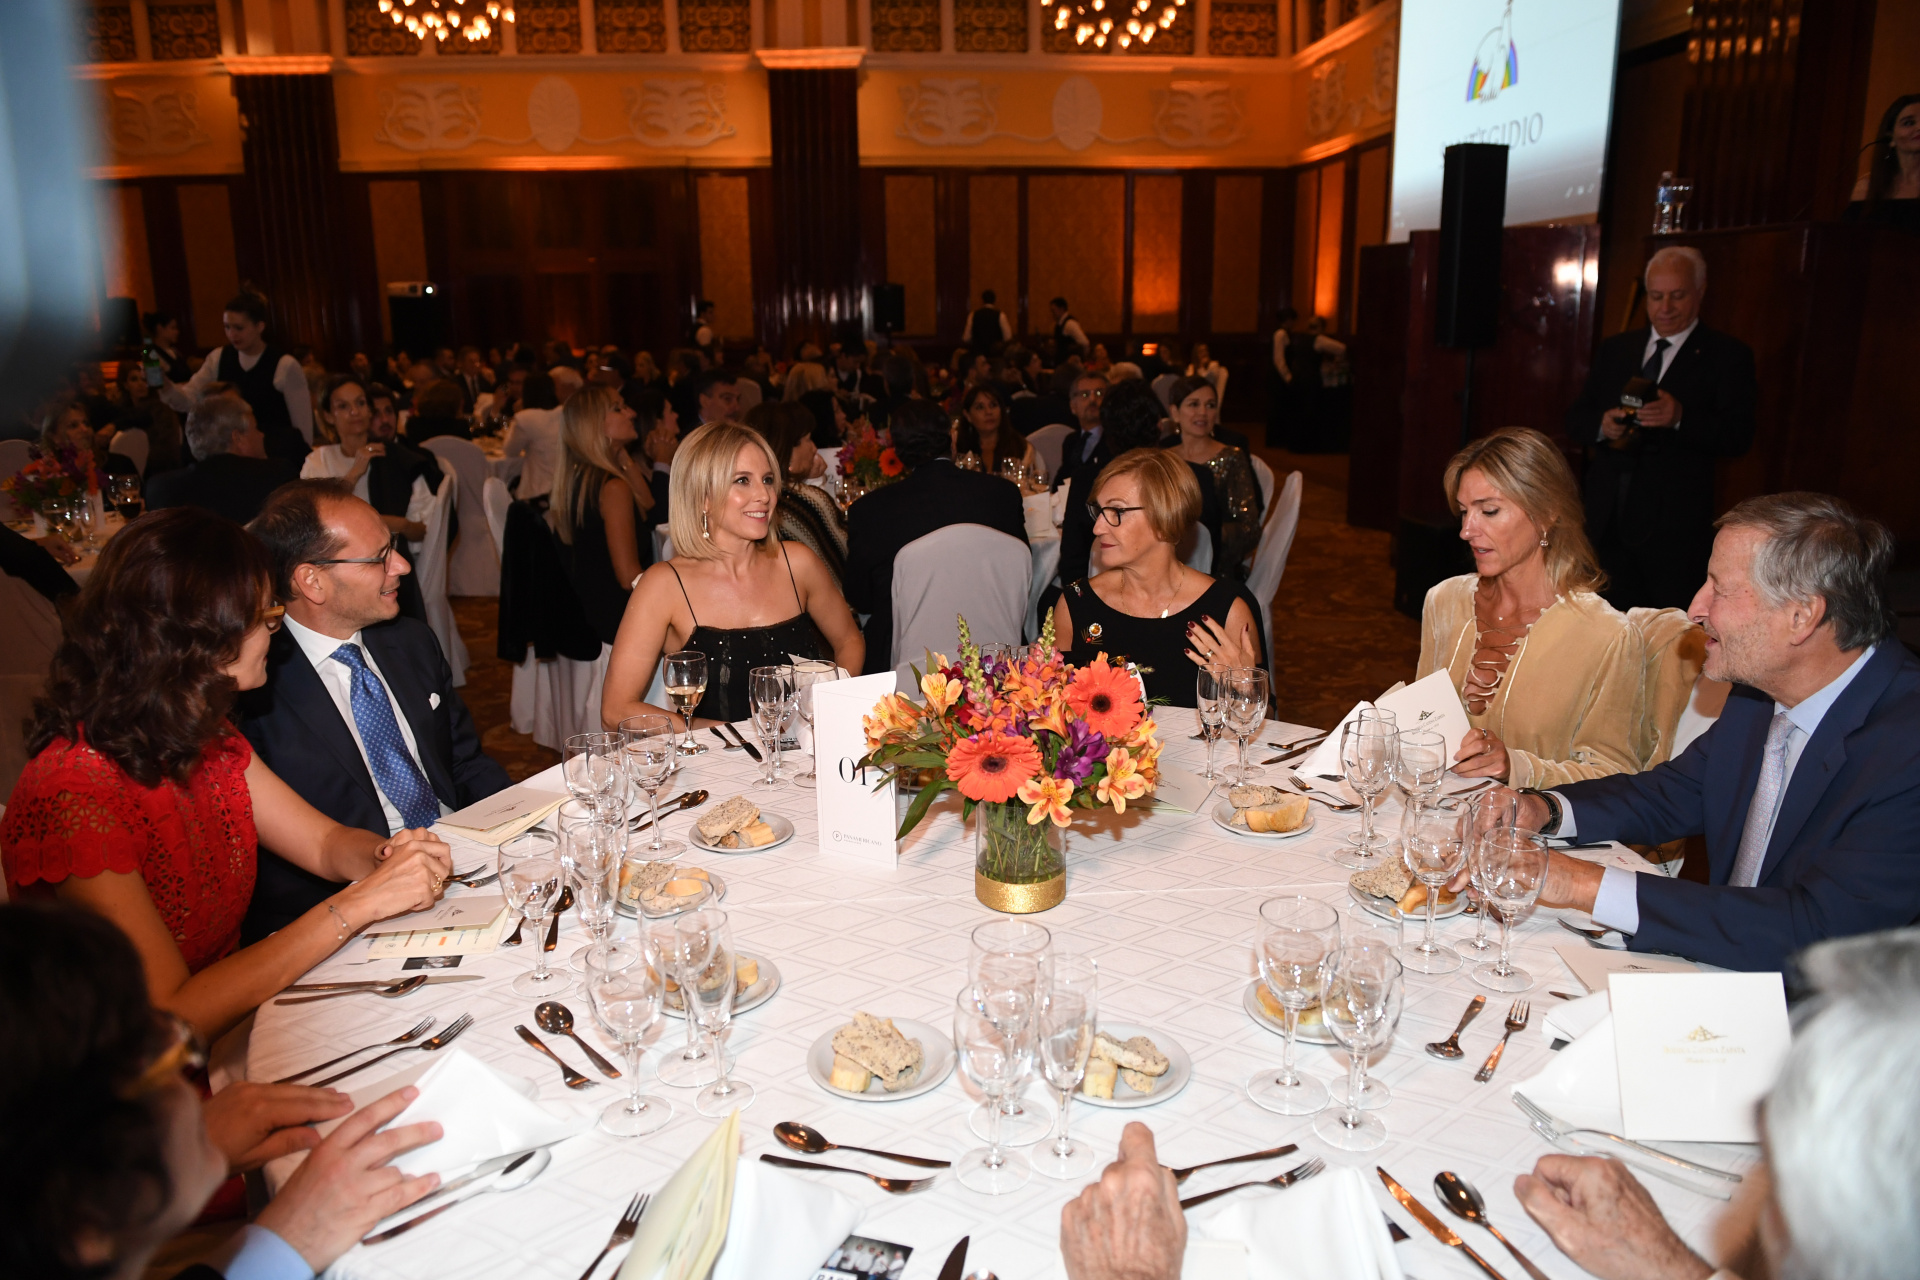 El embajador Giuseppe Manzo junto a su mujer, Alma; Carla Peterson, Gabriela Castellani y Cristiano Rattazzi en la mesa principal